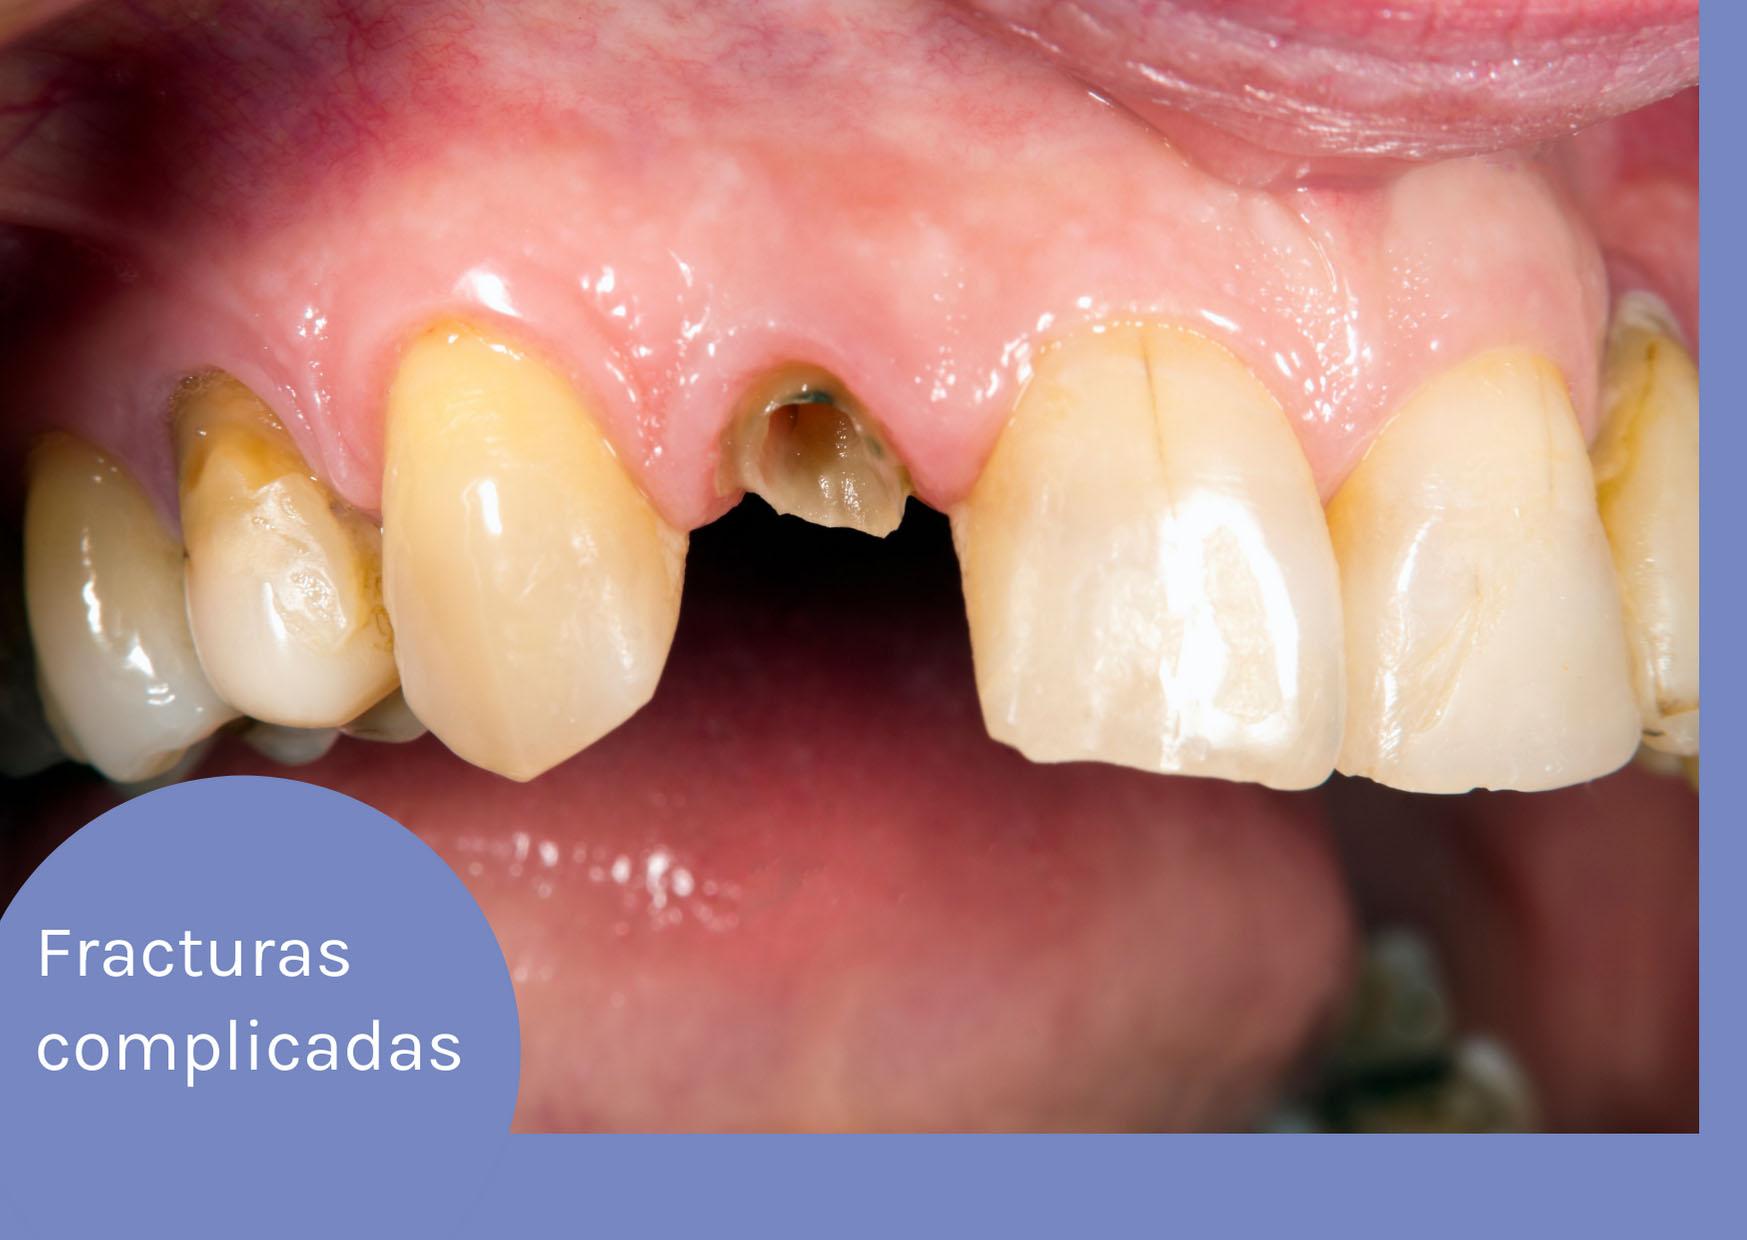 fractura de esmalte y dentina acompañada de dolor